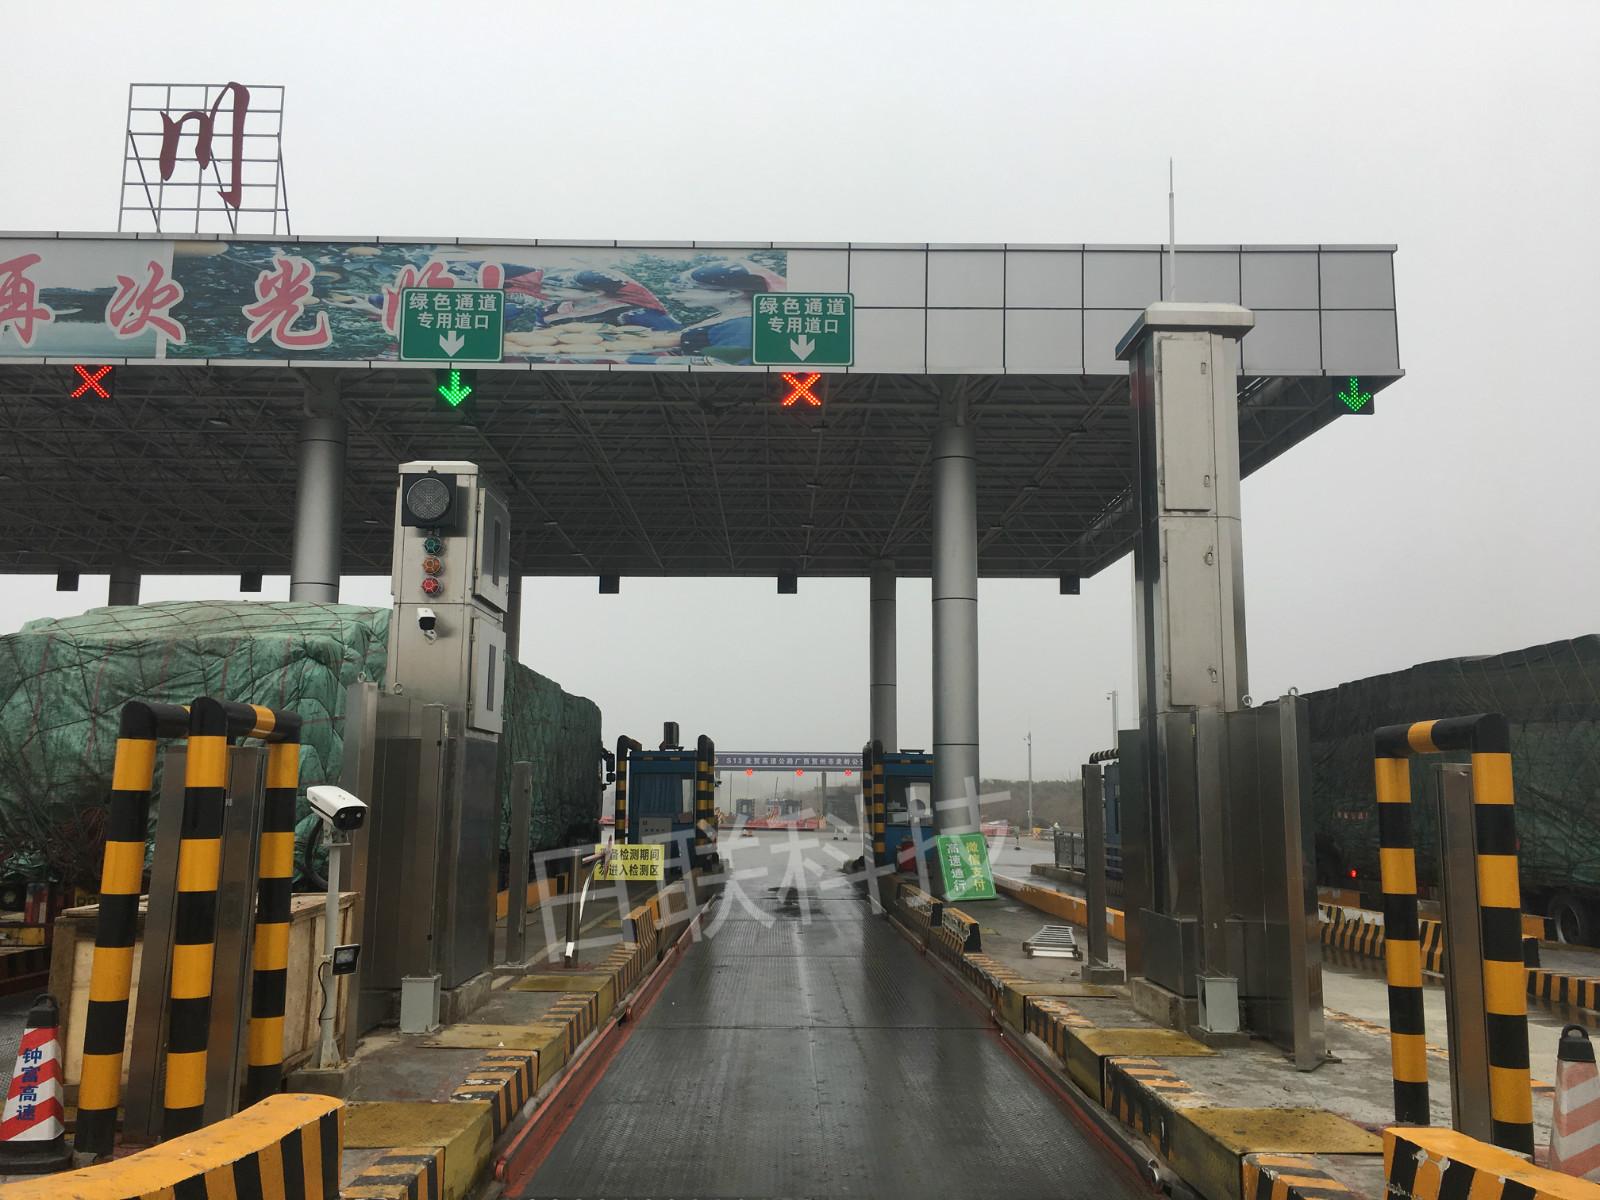 日联科技绿色通道快检系统